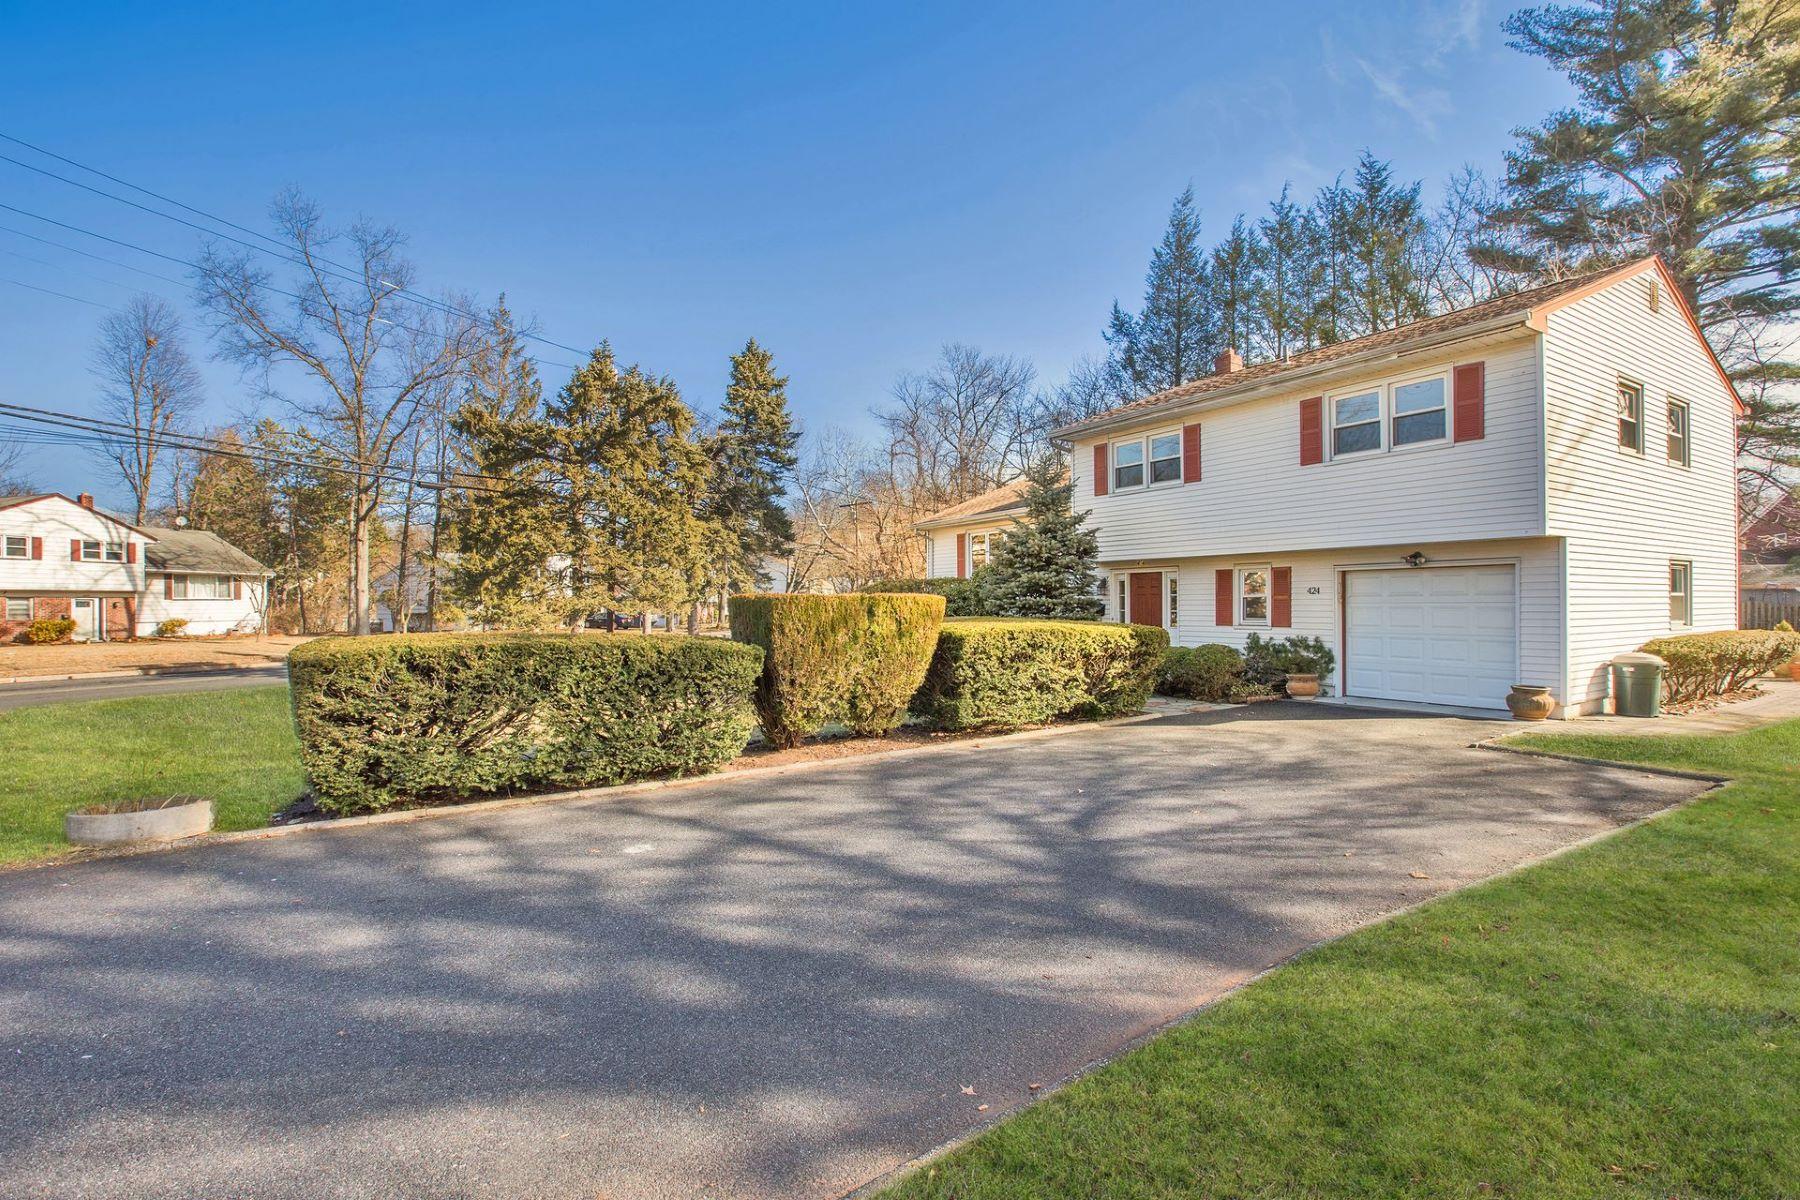 واحد منزل الأسرة للـ Sale في Welcome Home! 424 Grant Ave, Cresskill, New Jersey, 07626 United States